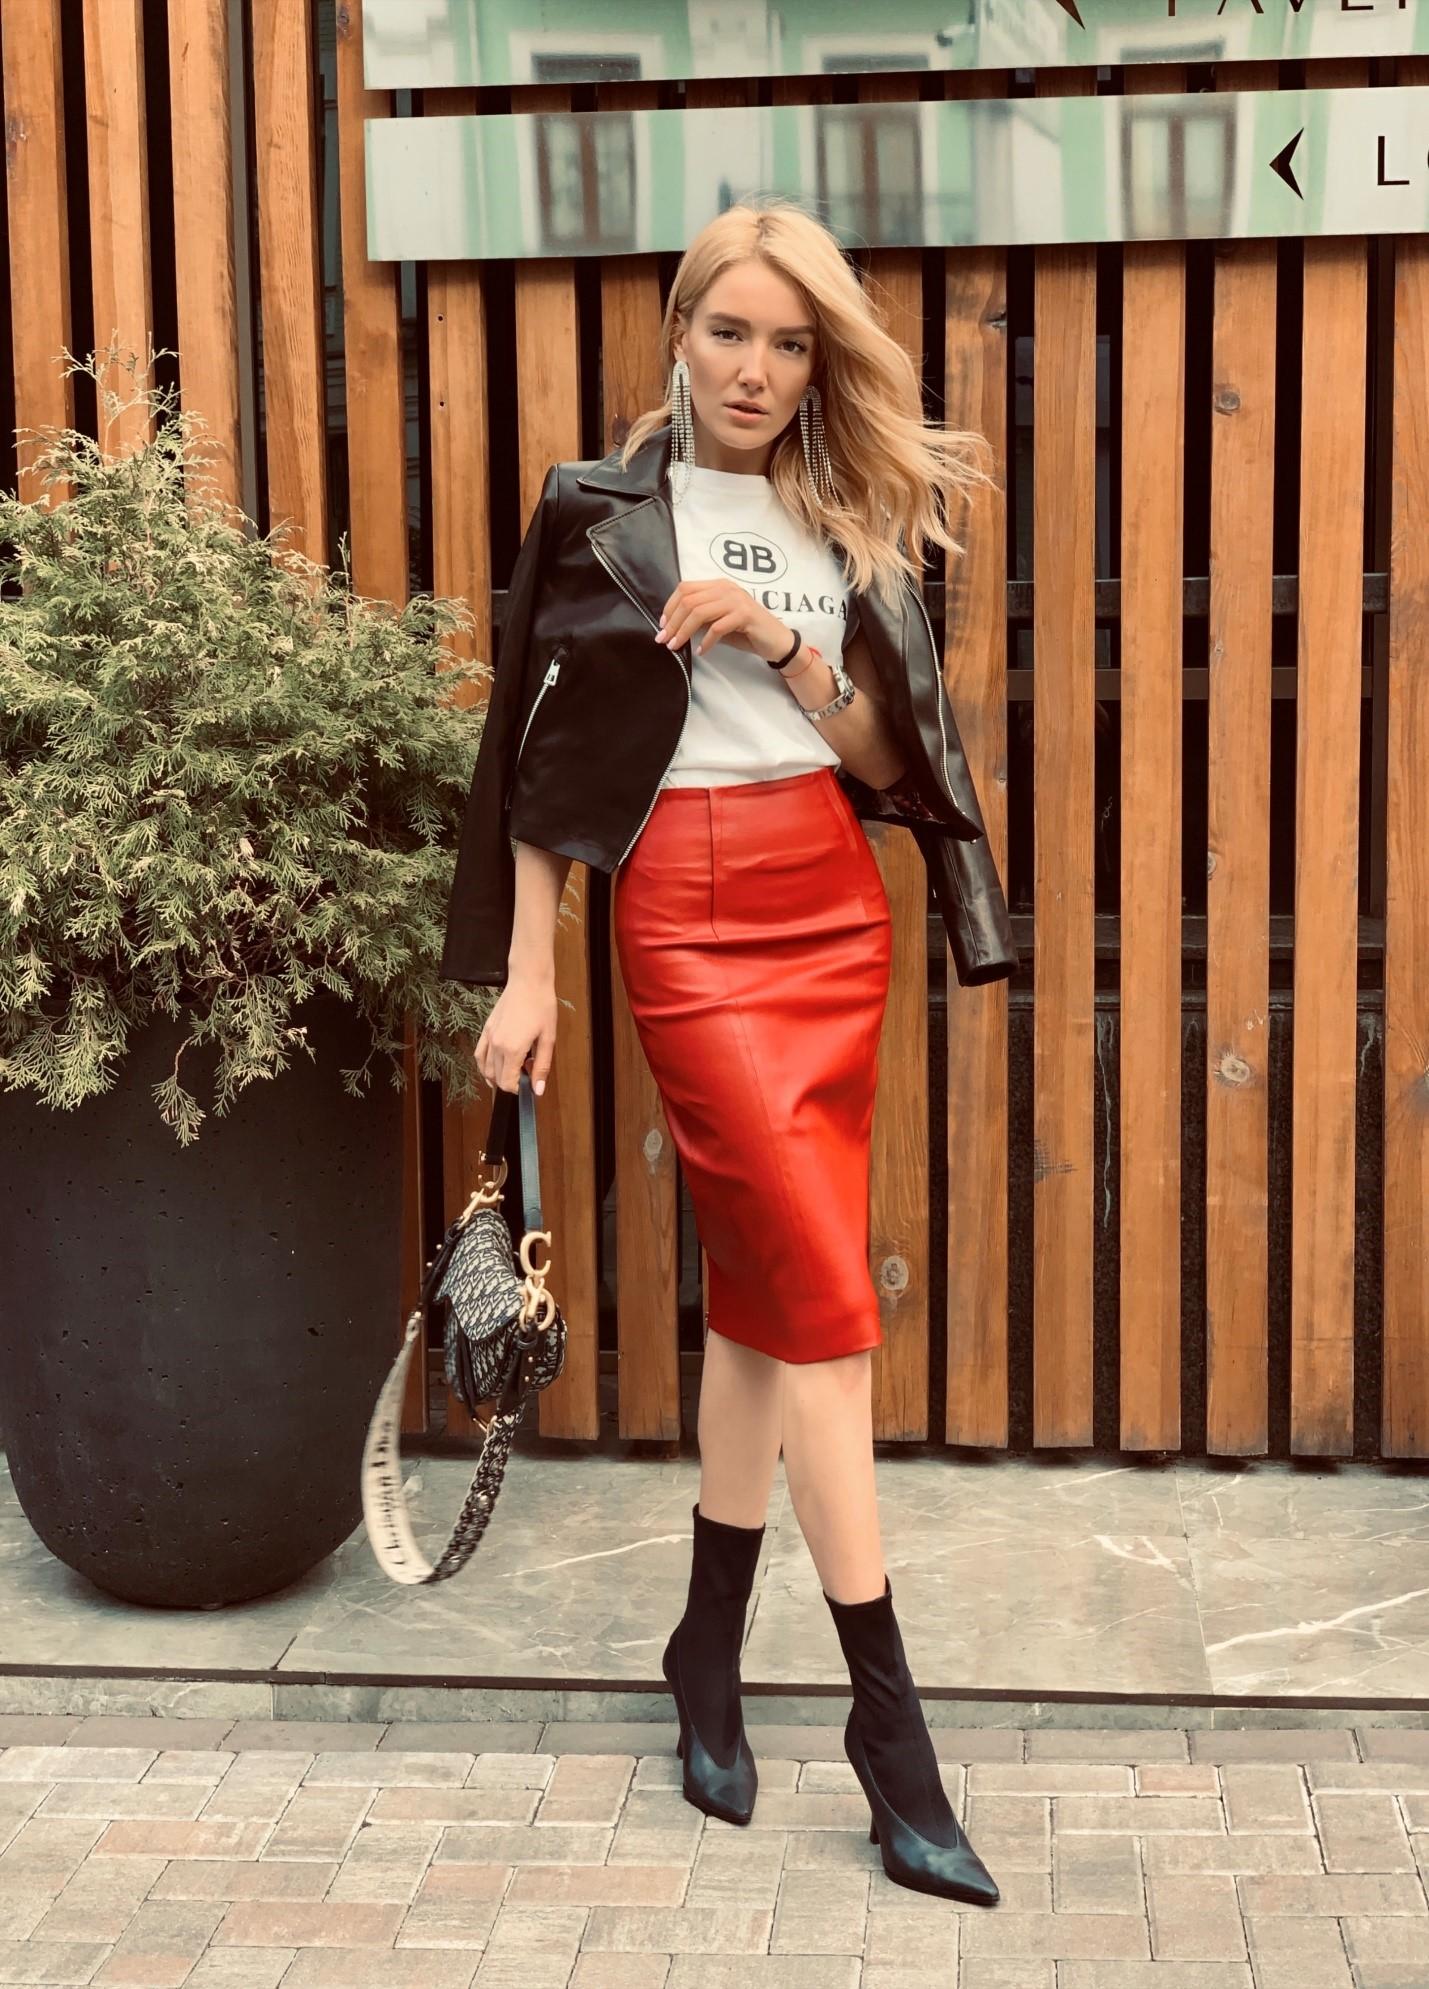 Кожаная куртка - как выбрать под тренды 2019 года 3